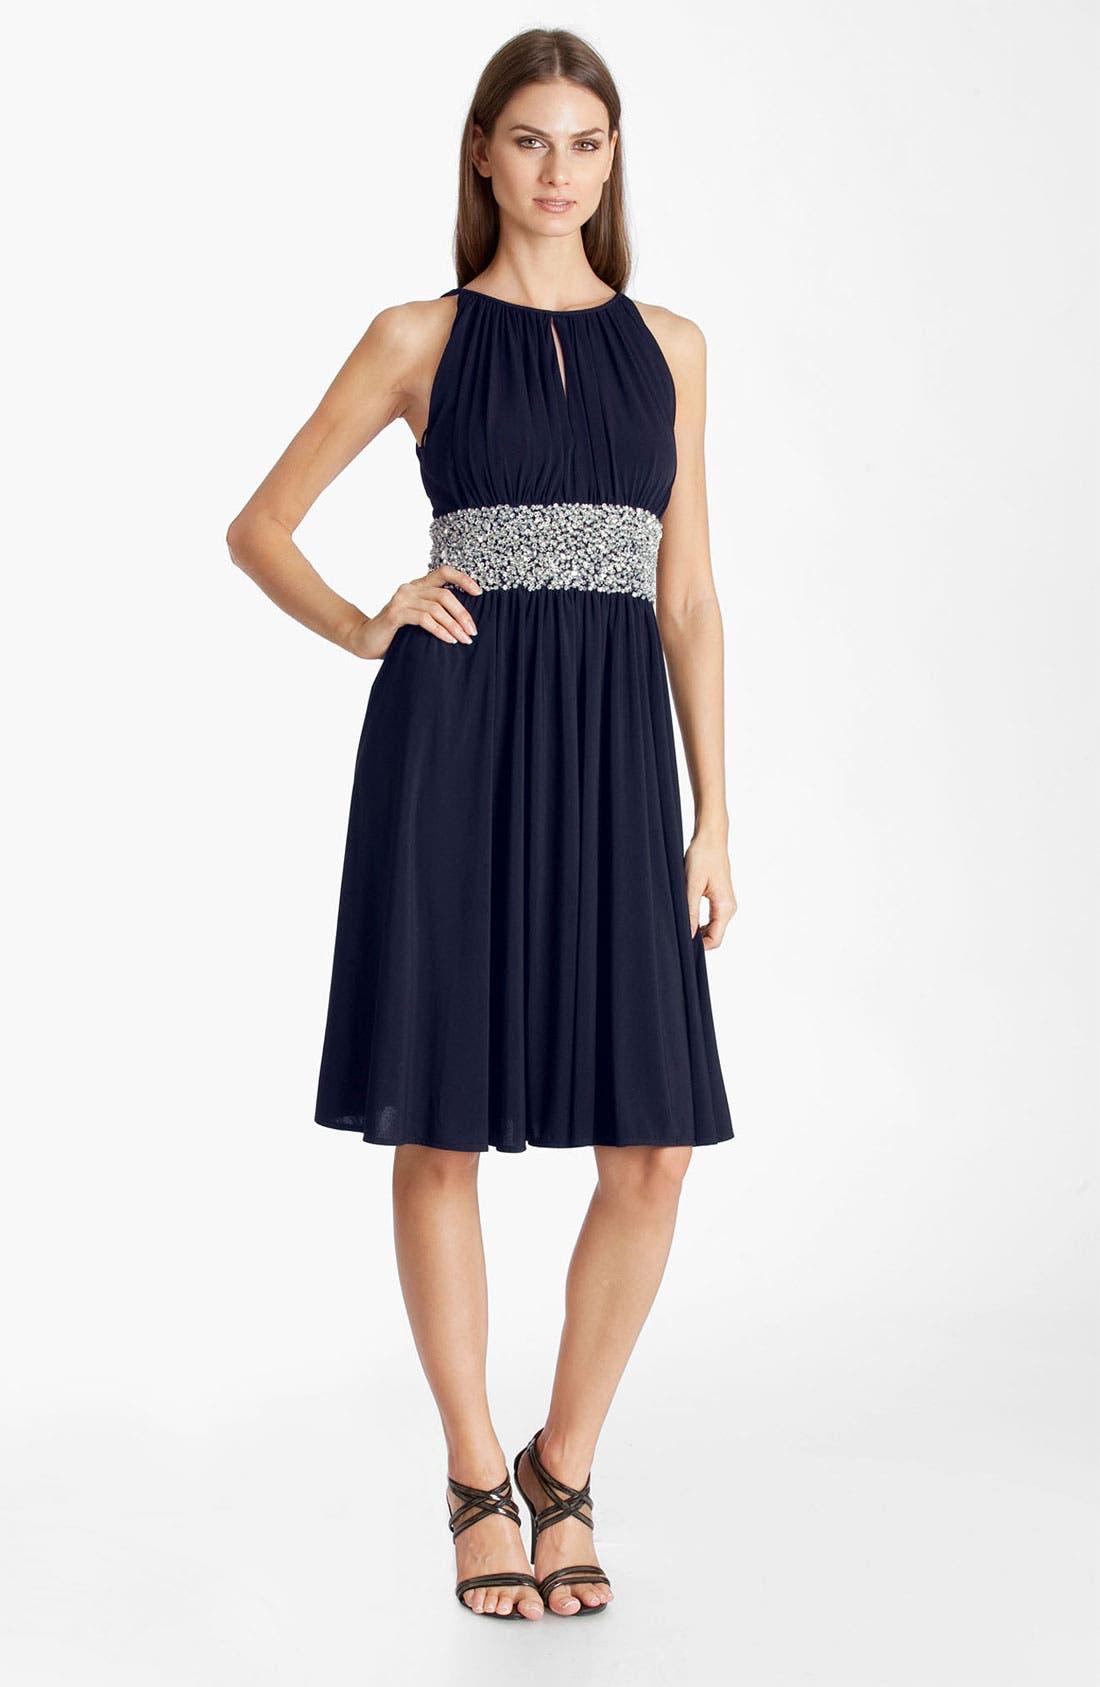 Alternate Image 1 Selected - JS Boutique Embellished Ruched Jersey Dress